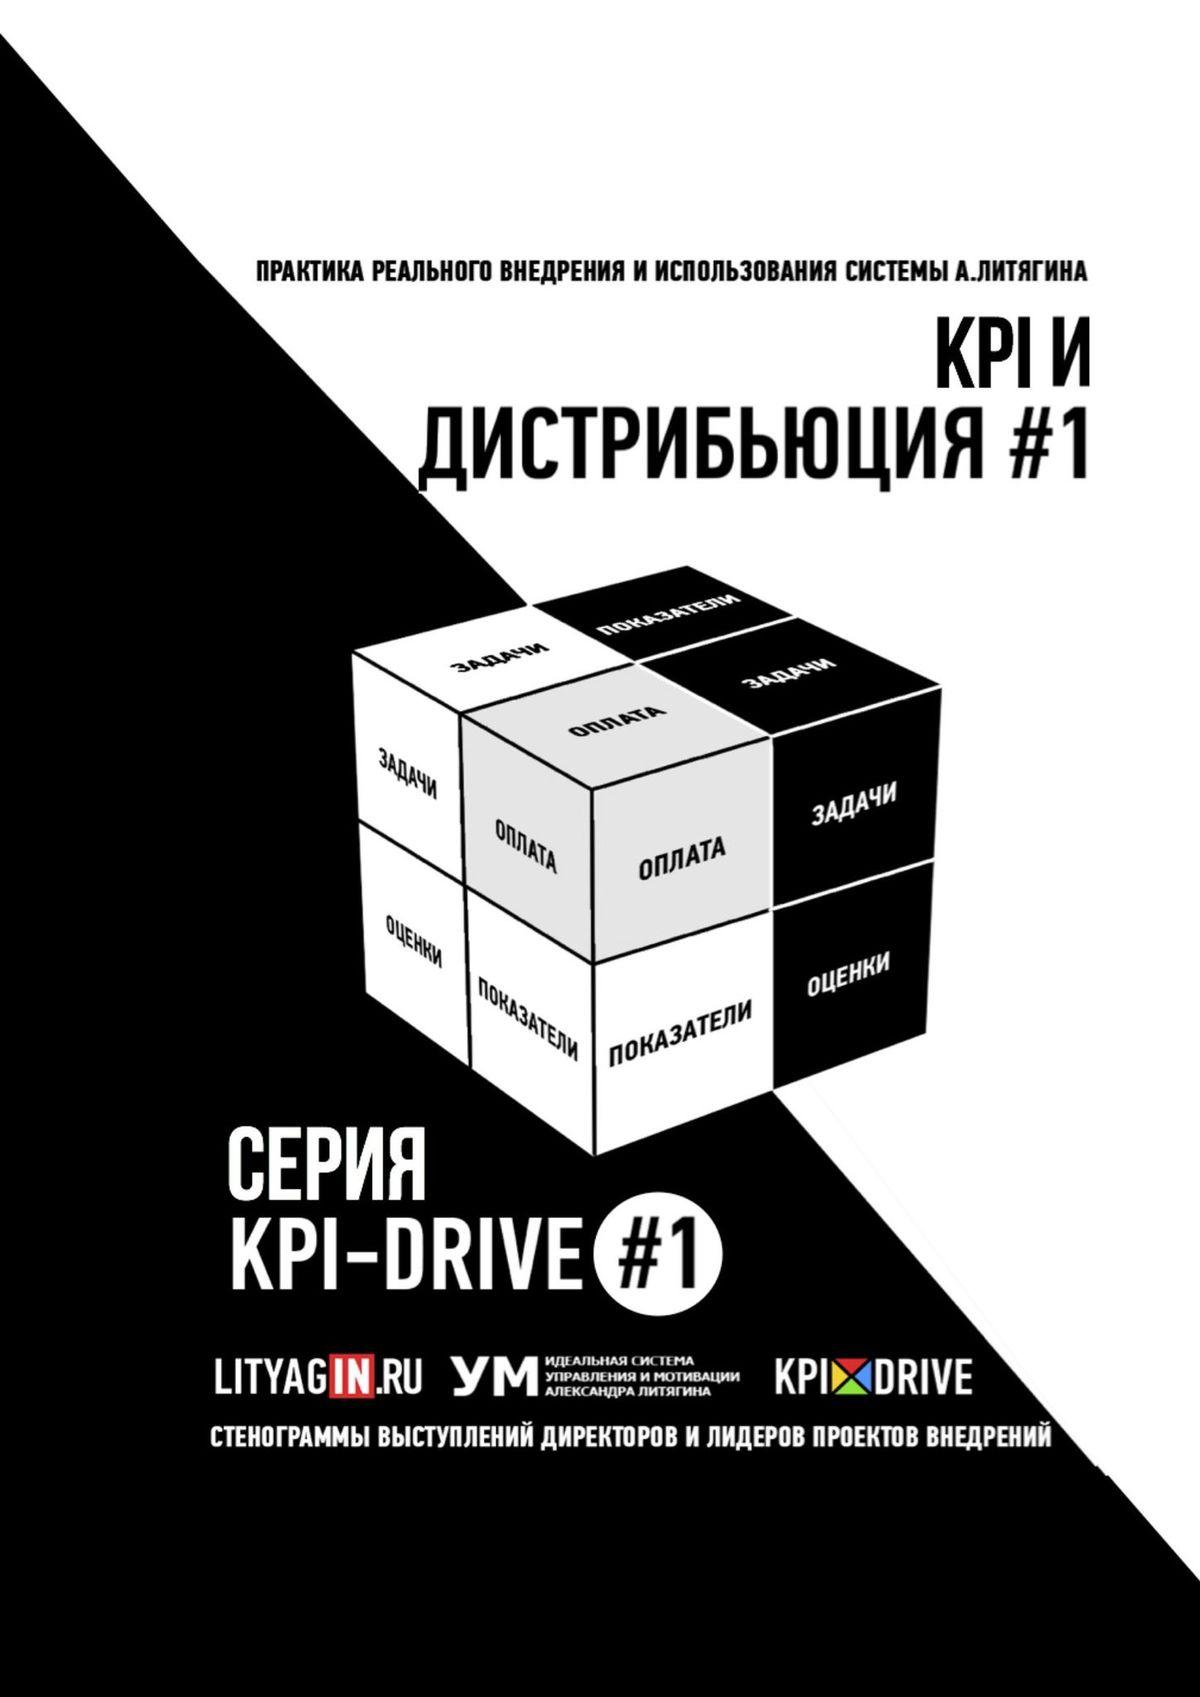 KPI-Drive#1. ДИСТРИБЬЮЦИЯ #1